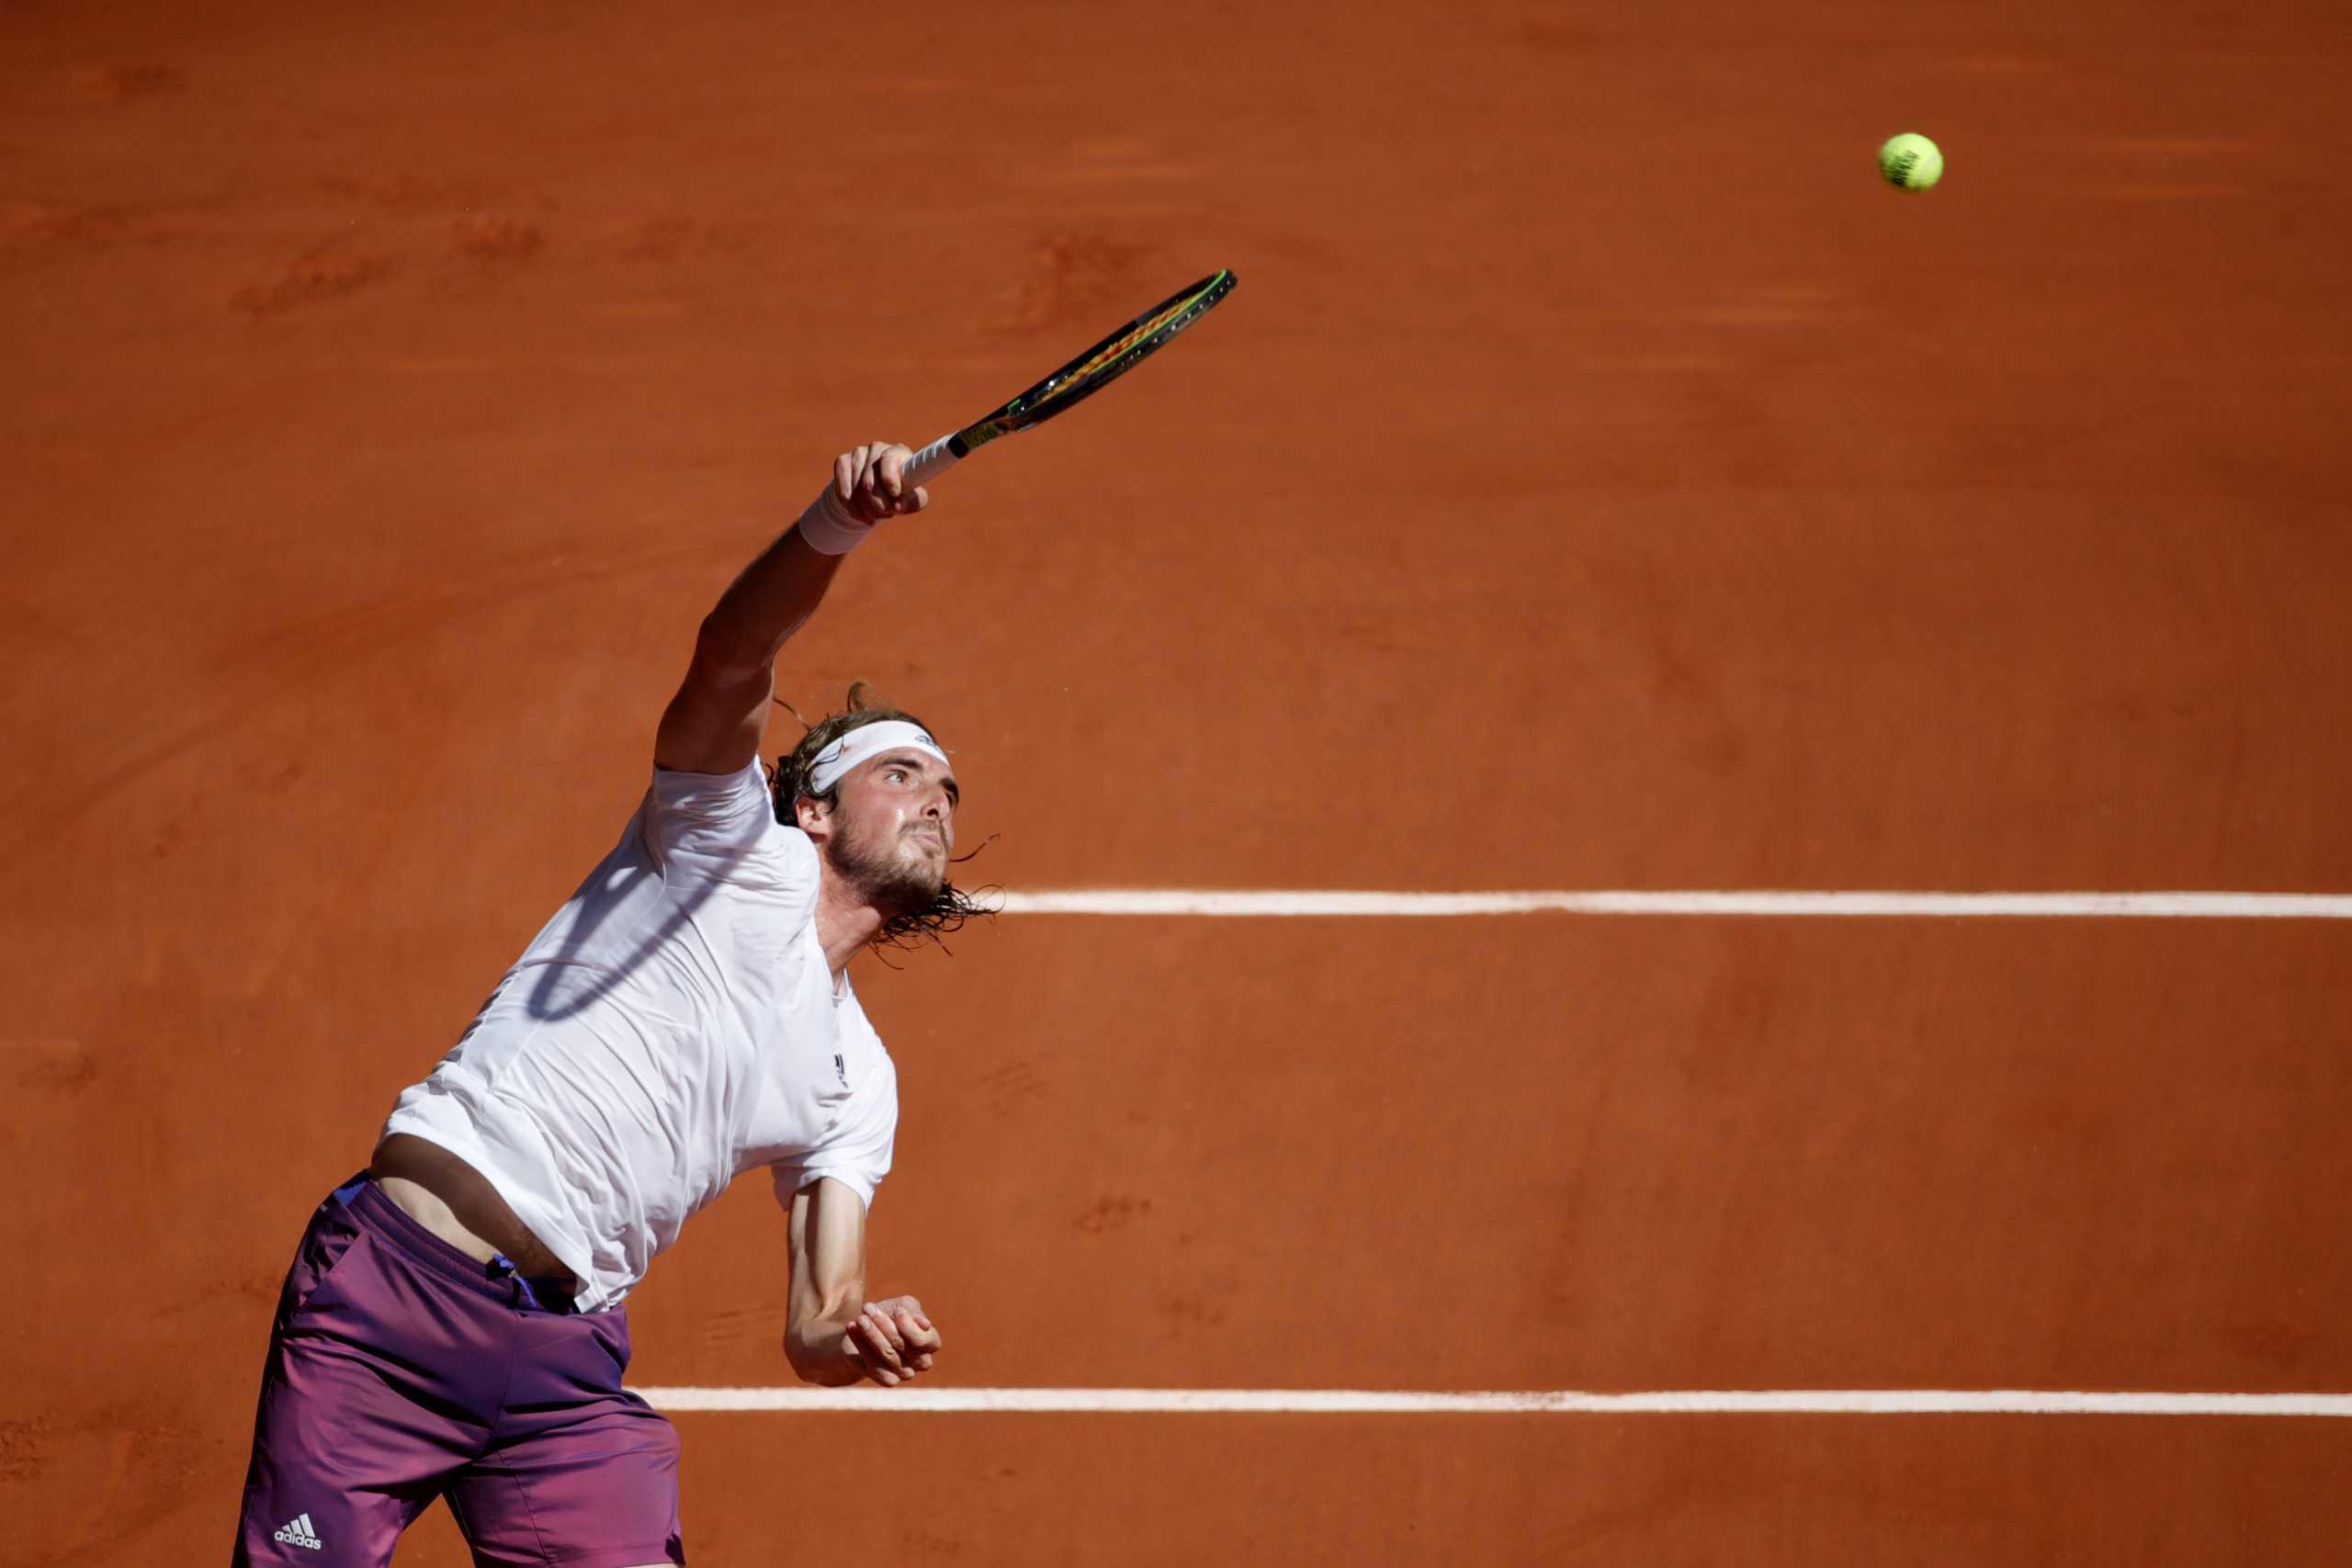 Αλεξάντερ Ζβέρεφ – Στέφανος Τσιτσιπάς LIVE: Για τον πρώτο ελληνικό τελικό στο Roland Garros